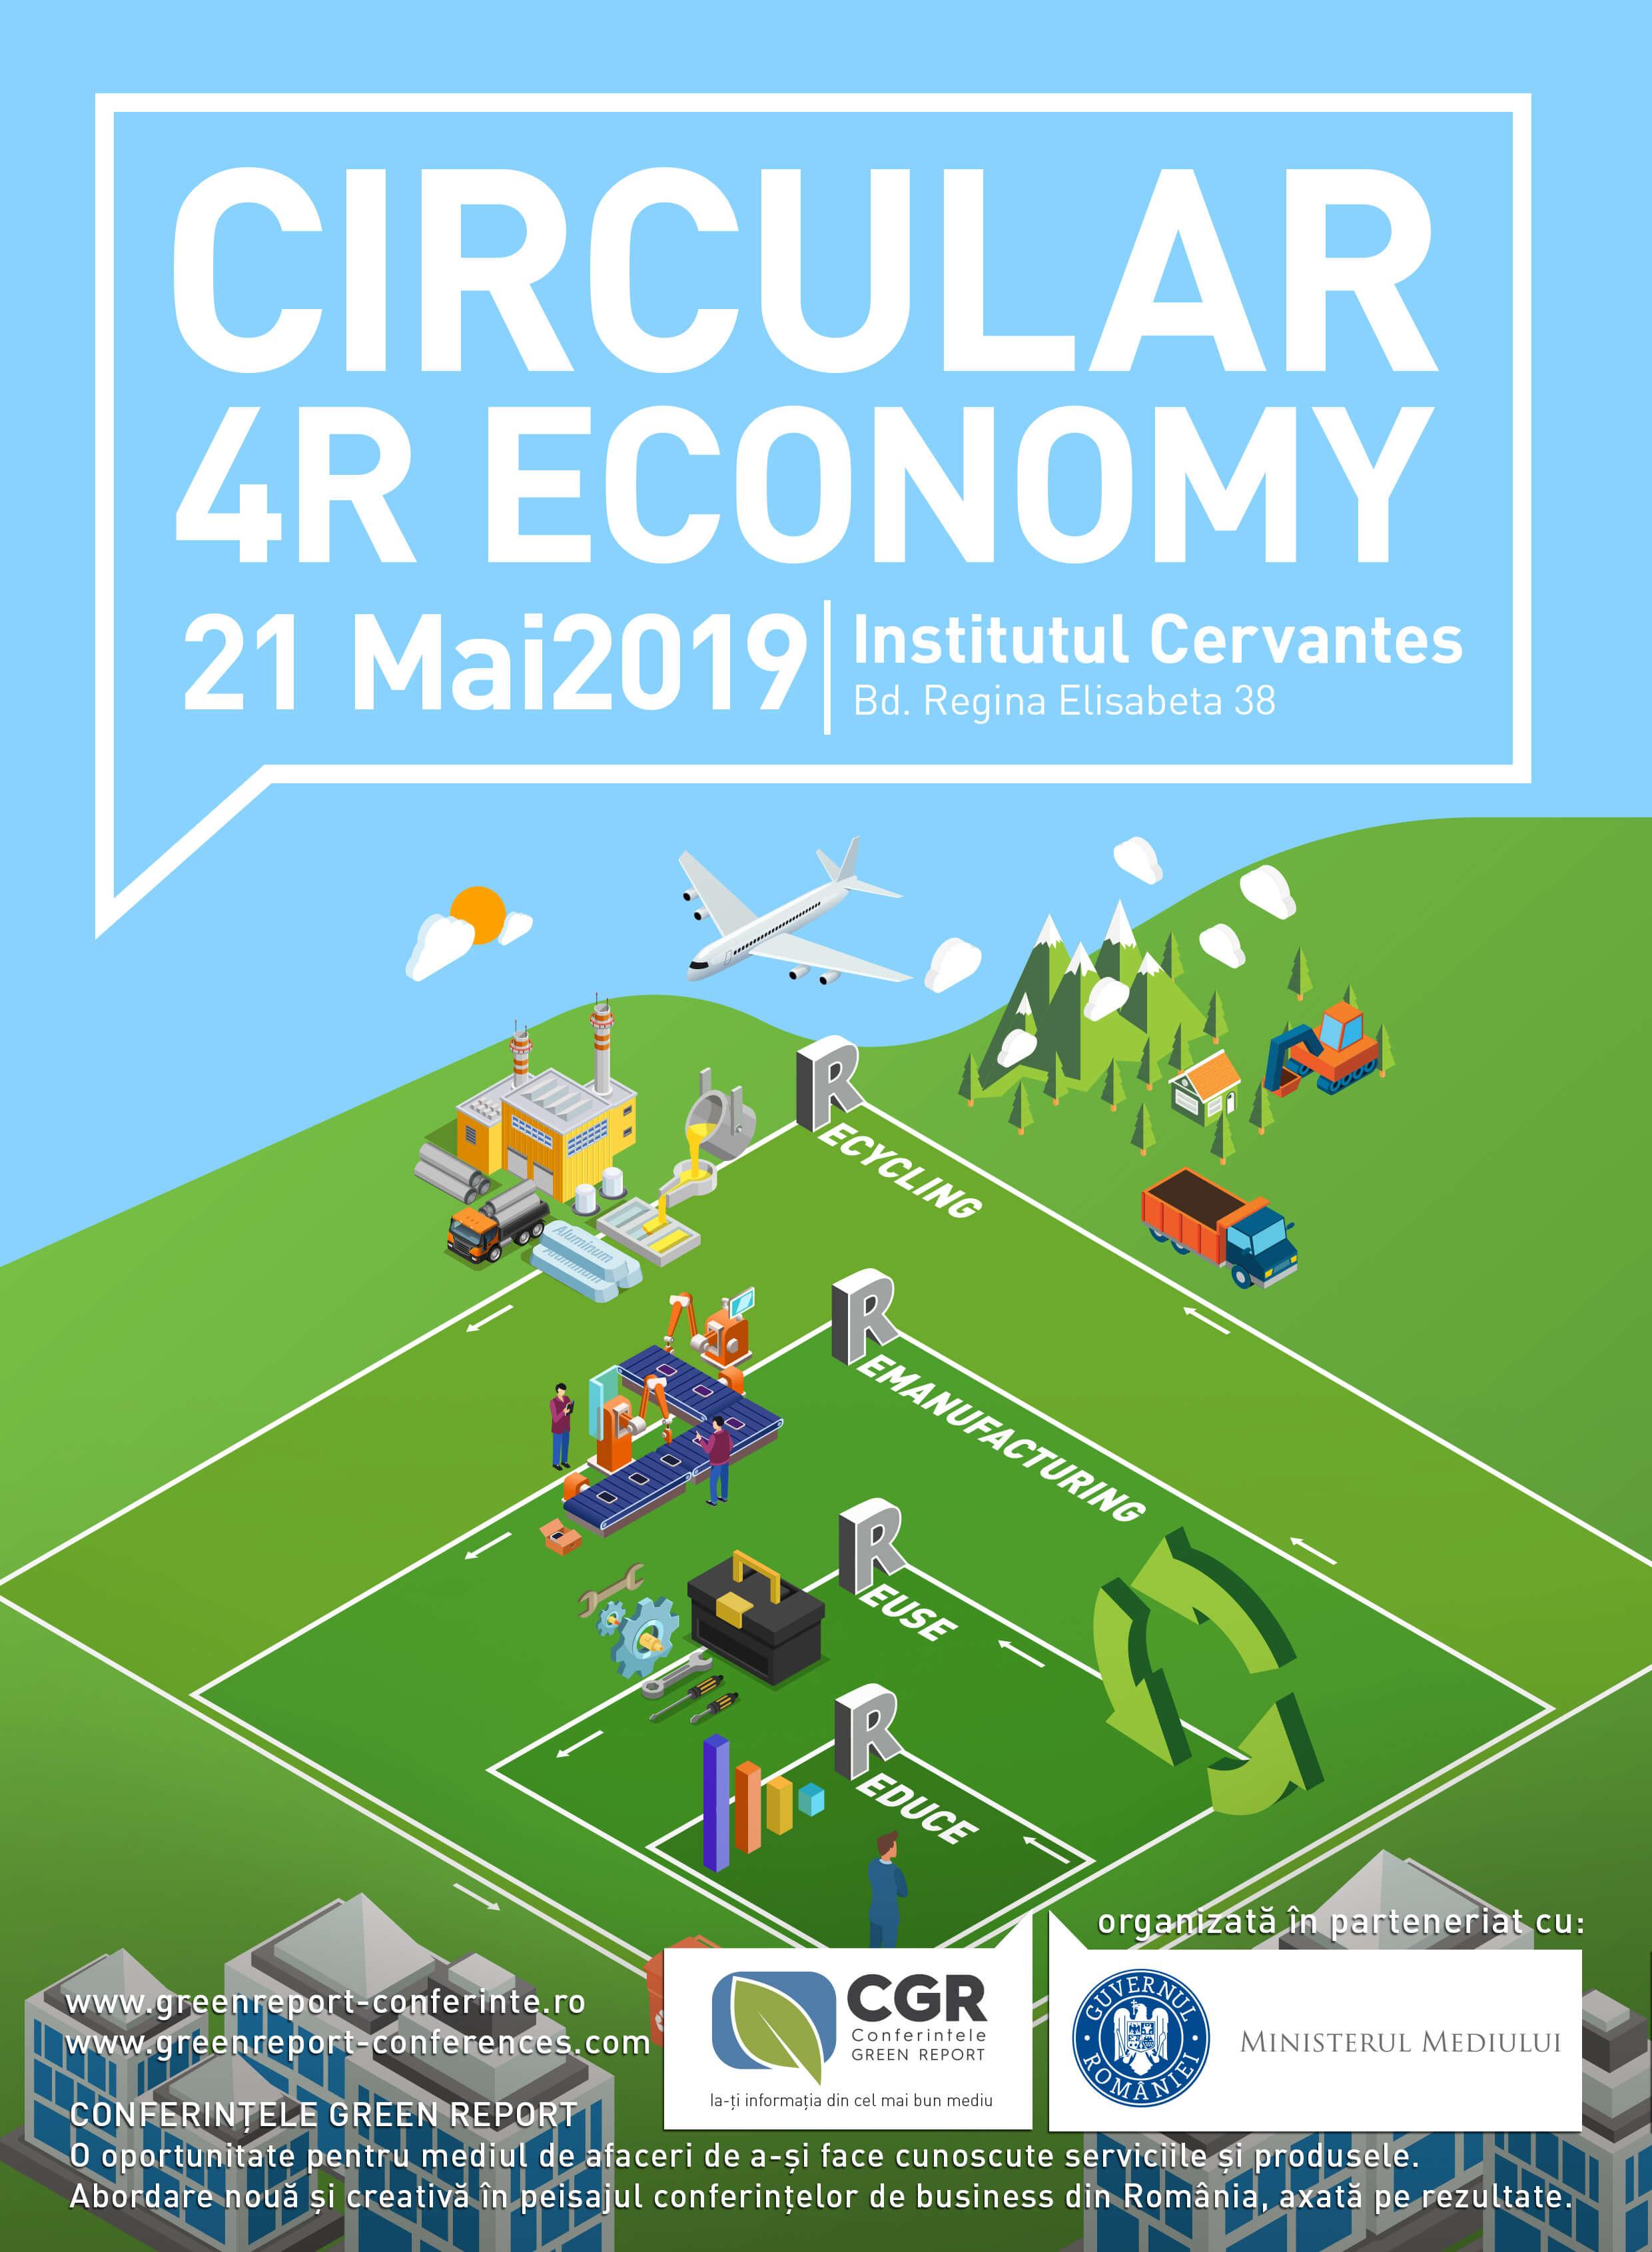 Conferințele CGR – 4R ECONOMY